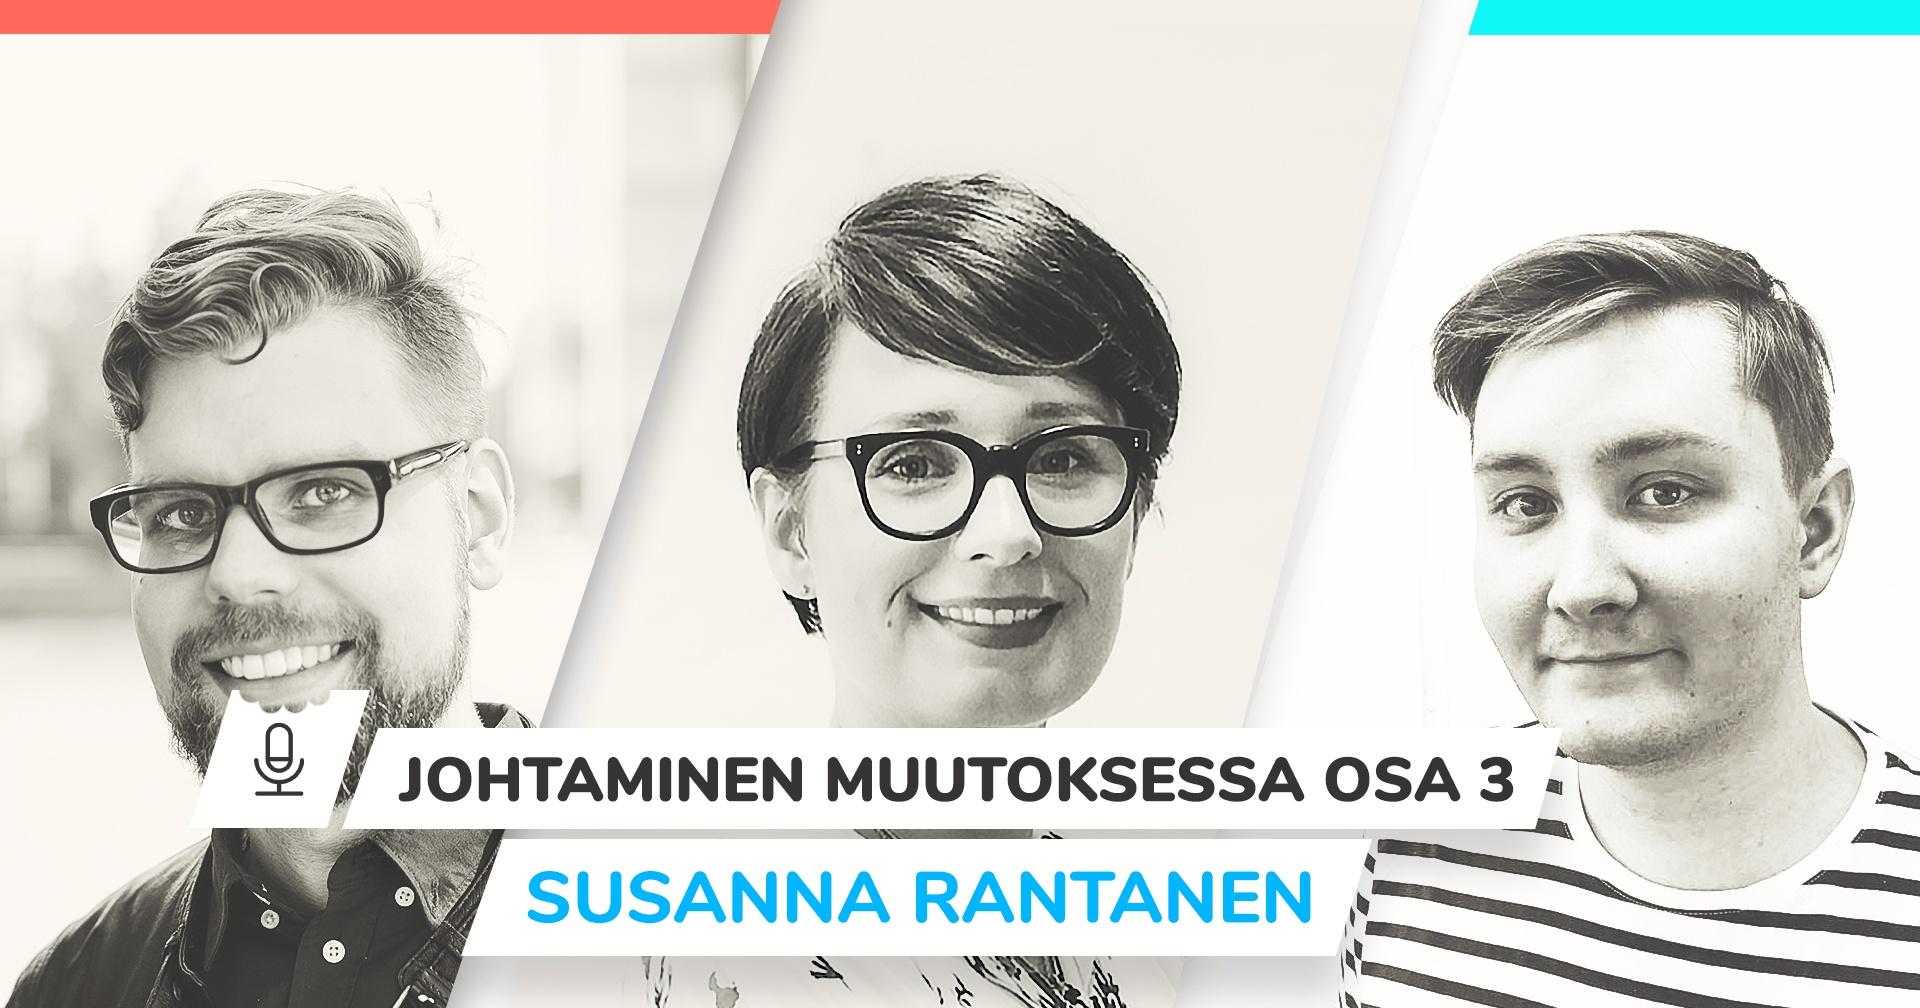 Johtaminen muutoksessa - Susanna Rantanen, Emine